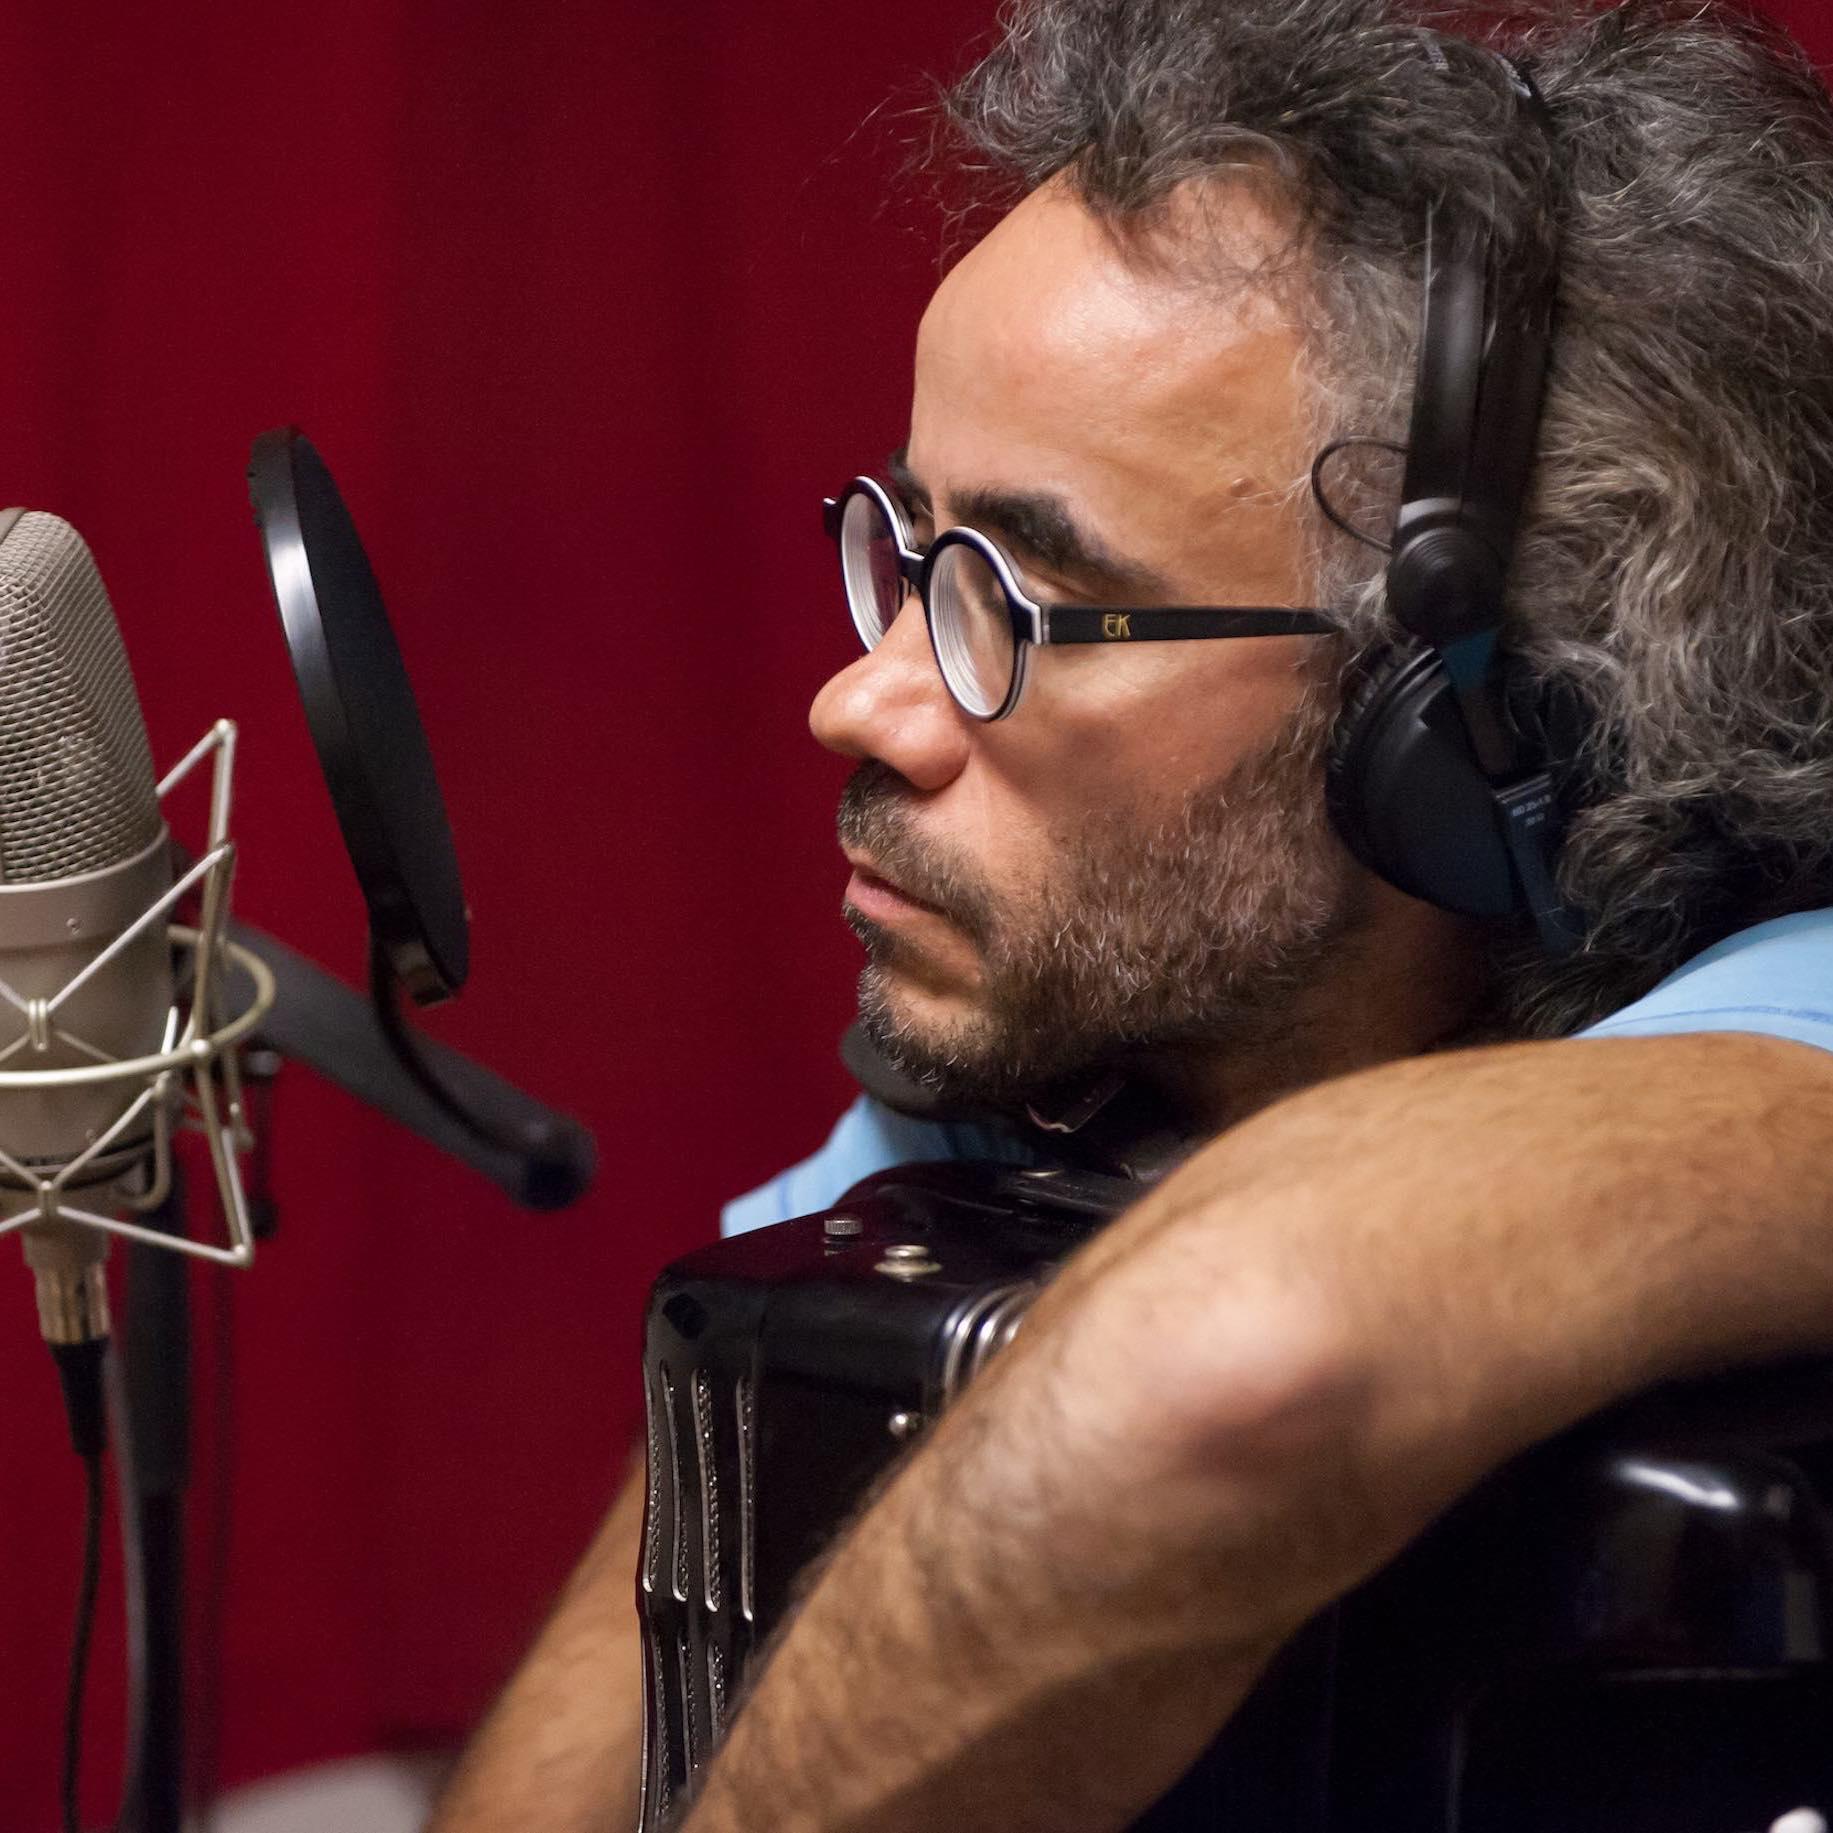 Accordéon et accordéonistes au bout du monde avec Richard Galliano...